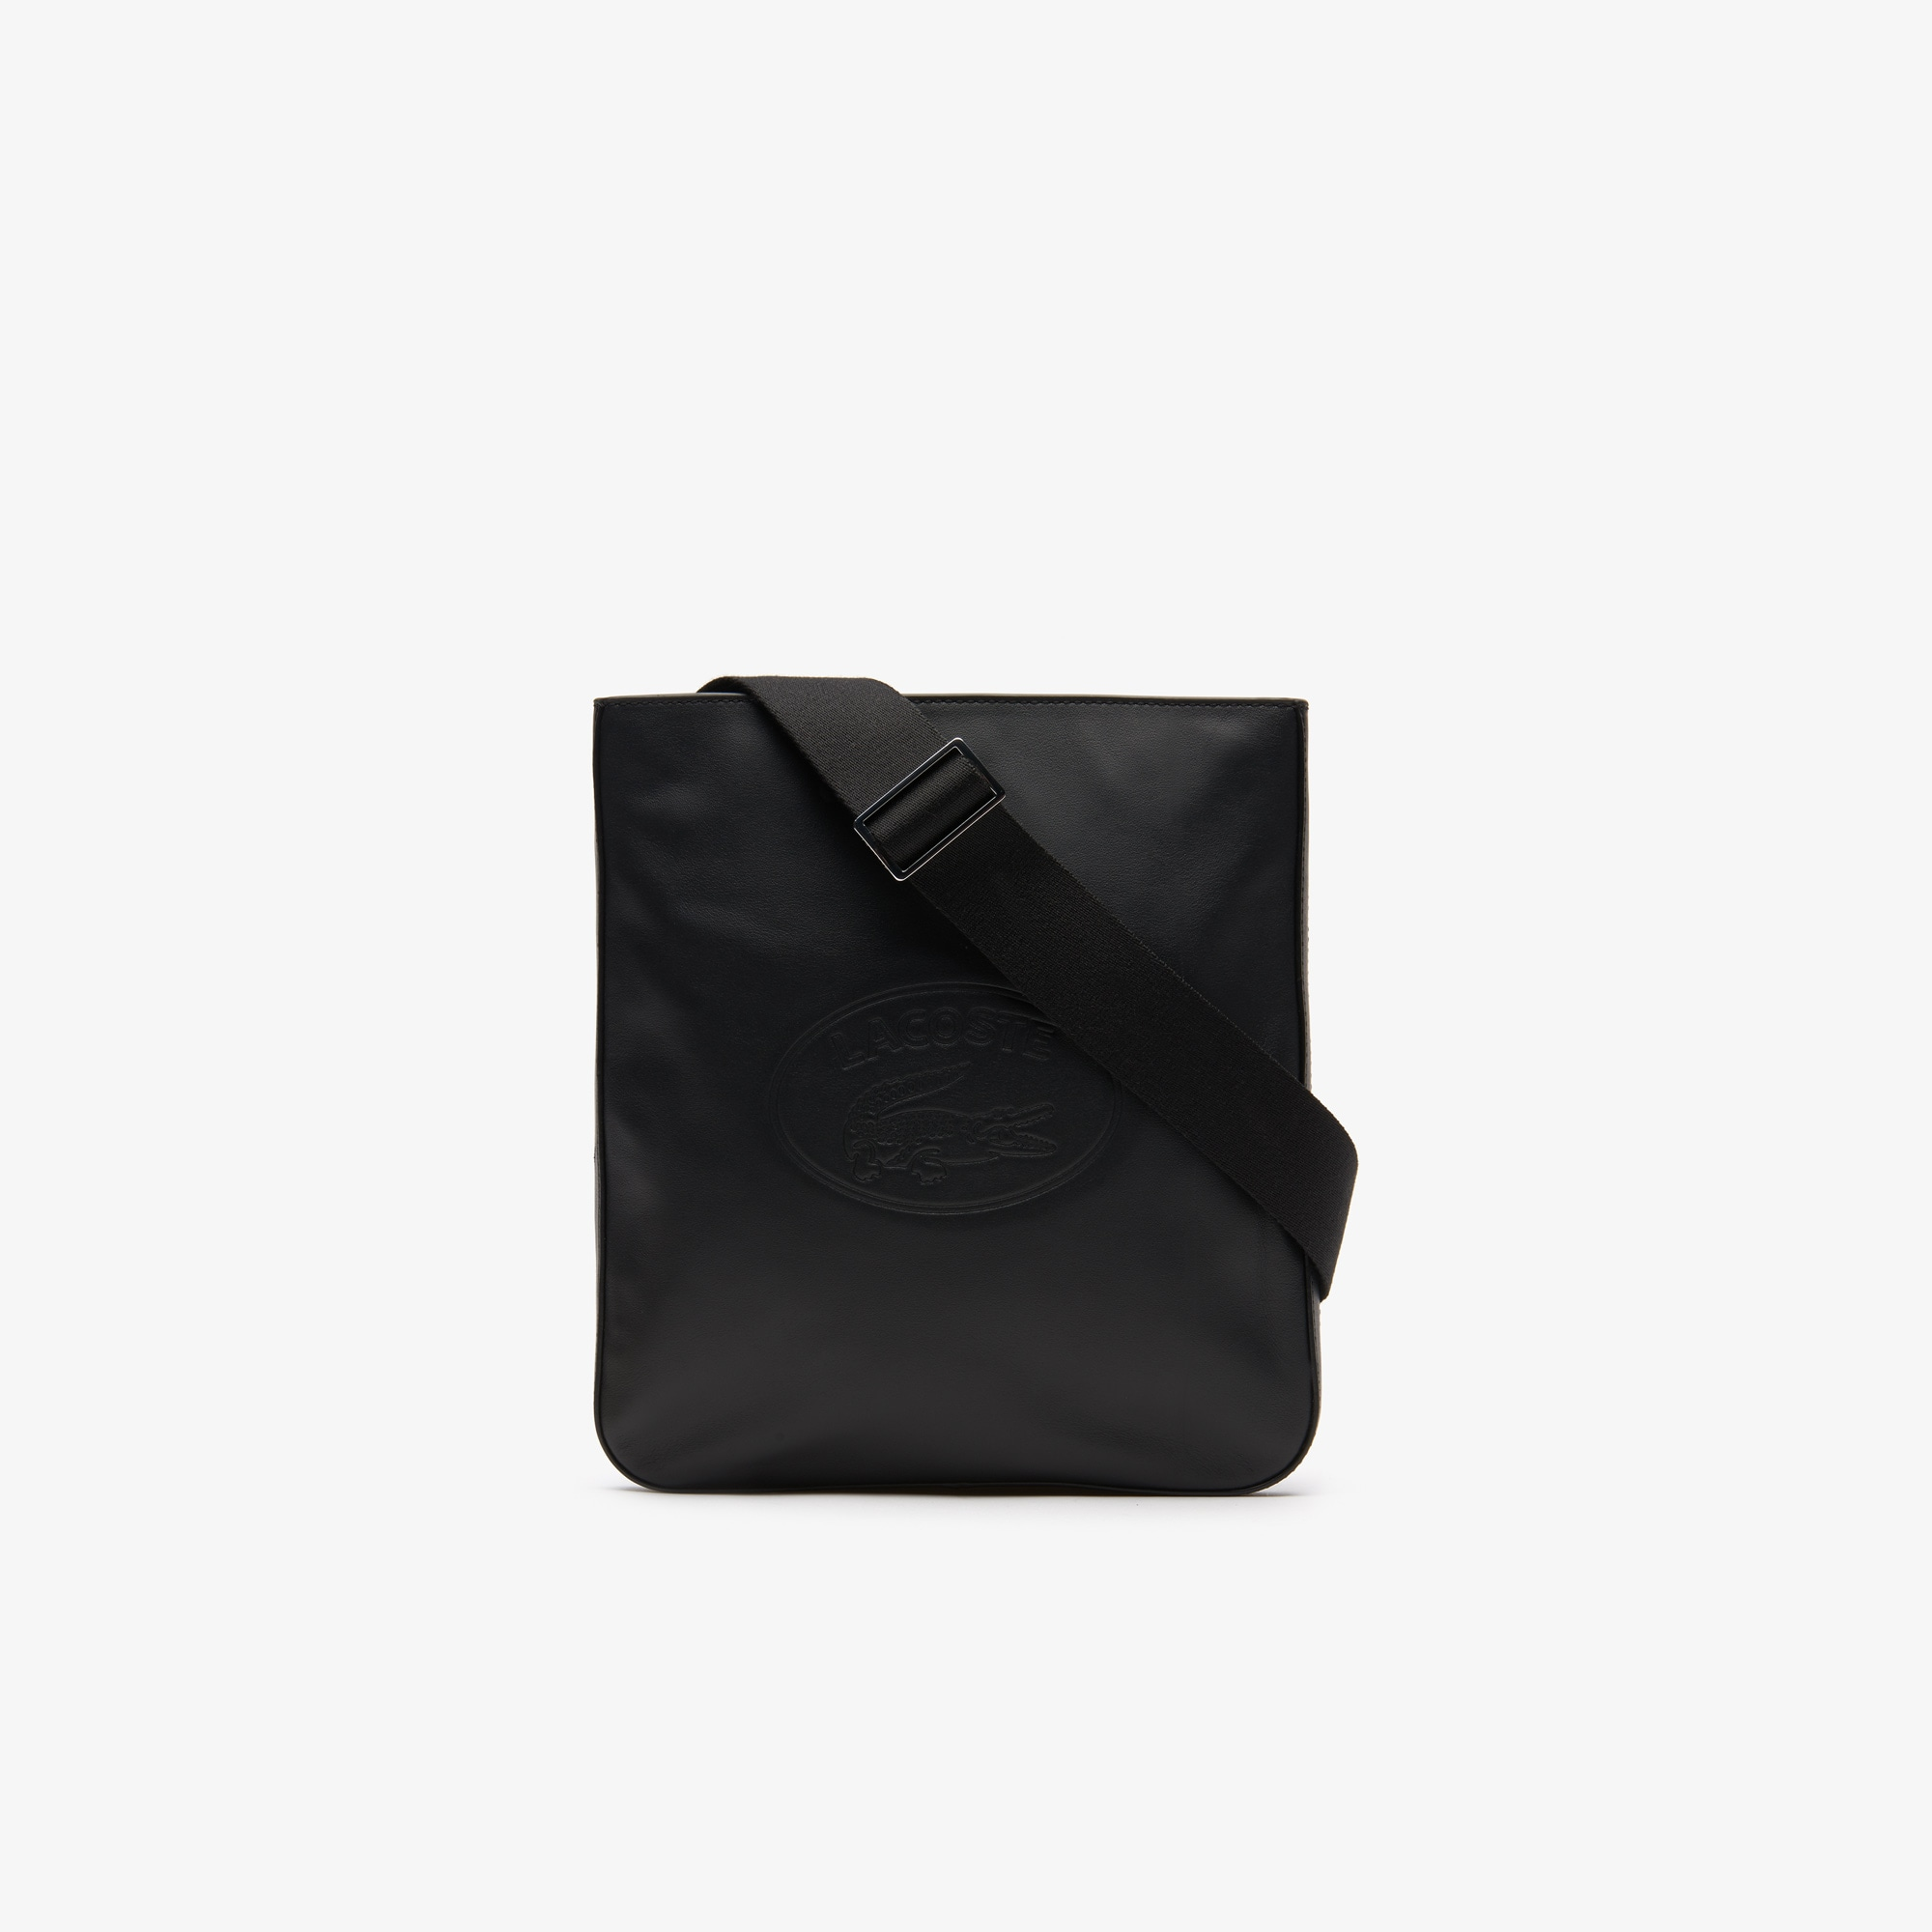 라코스테 L.12.12 캐쥬얼 가죽 백 Lacoste Mens L.12.12 Casual Leather Bag,BLACK